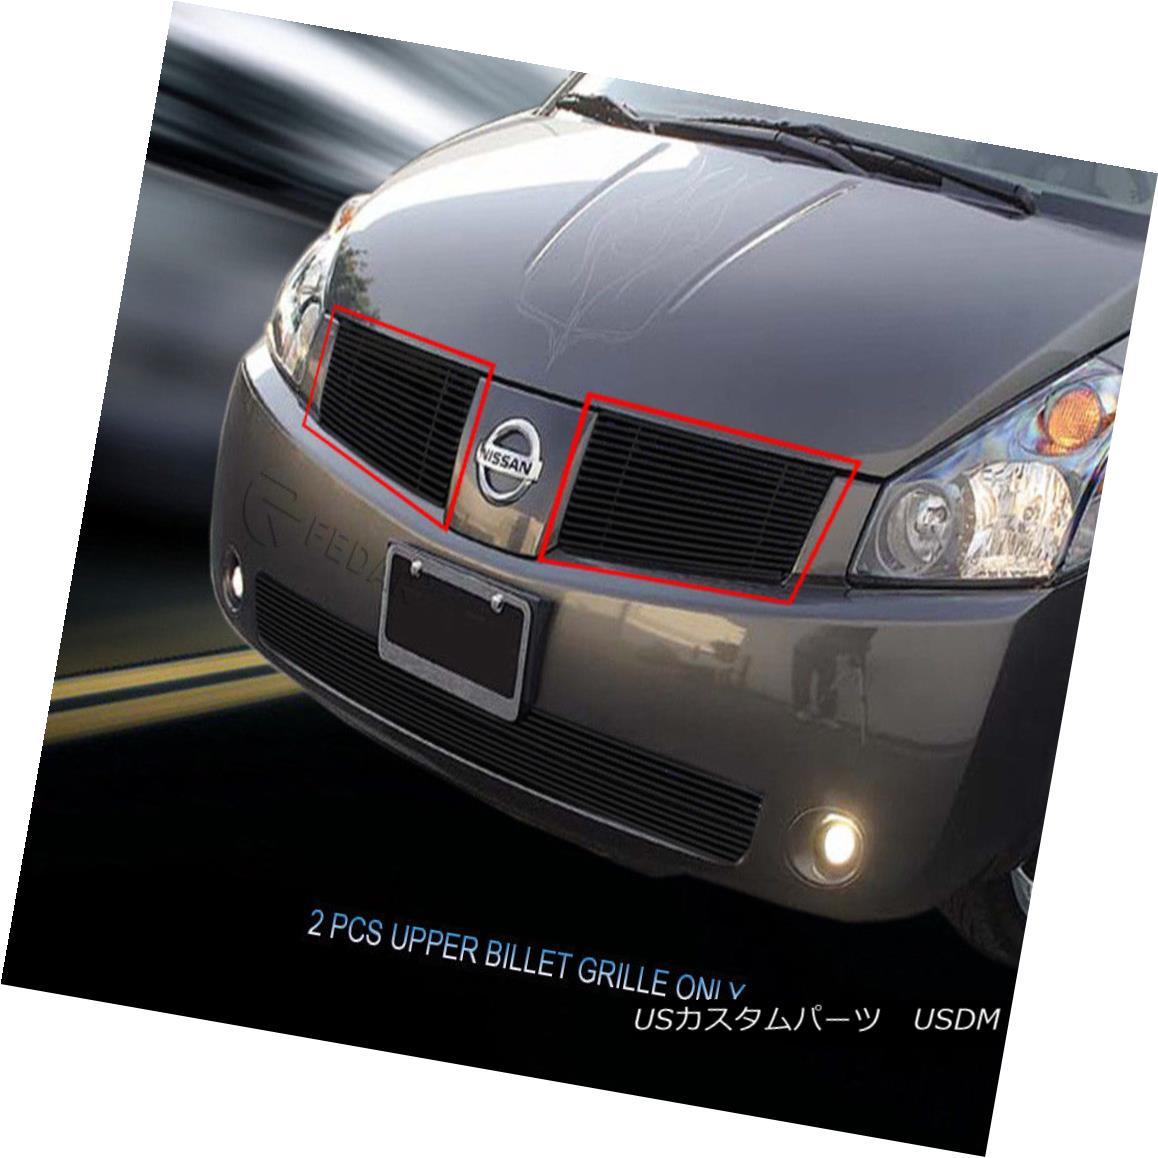 グリル For 2004-2006 Nissan Quest Bolt-On Black Billet Grille Upper Grill Insert Fedar 2004-2006日産クエストボルトオンブラックビレットグリルアッパーグリルインサートフェルダー